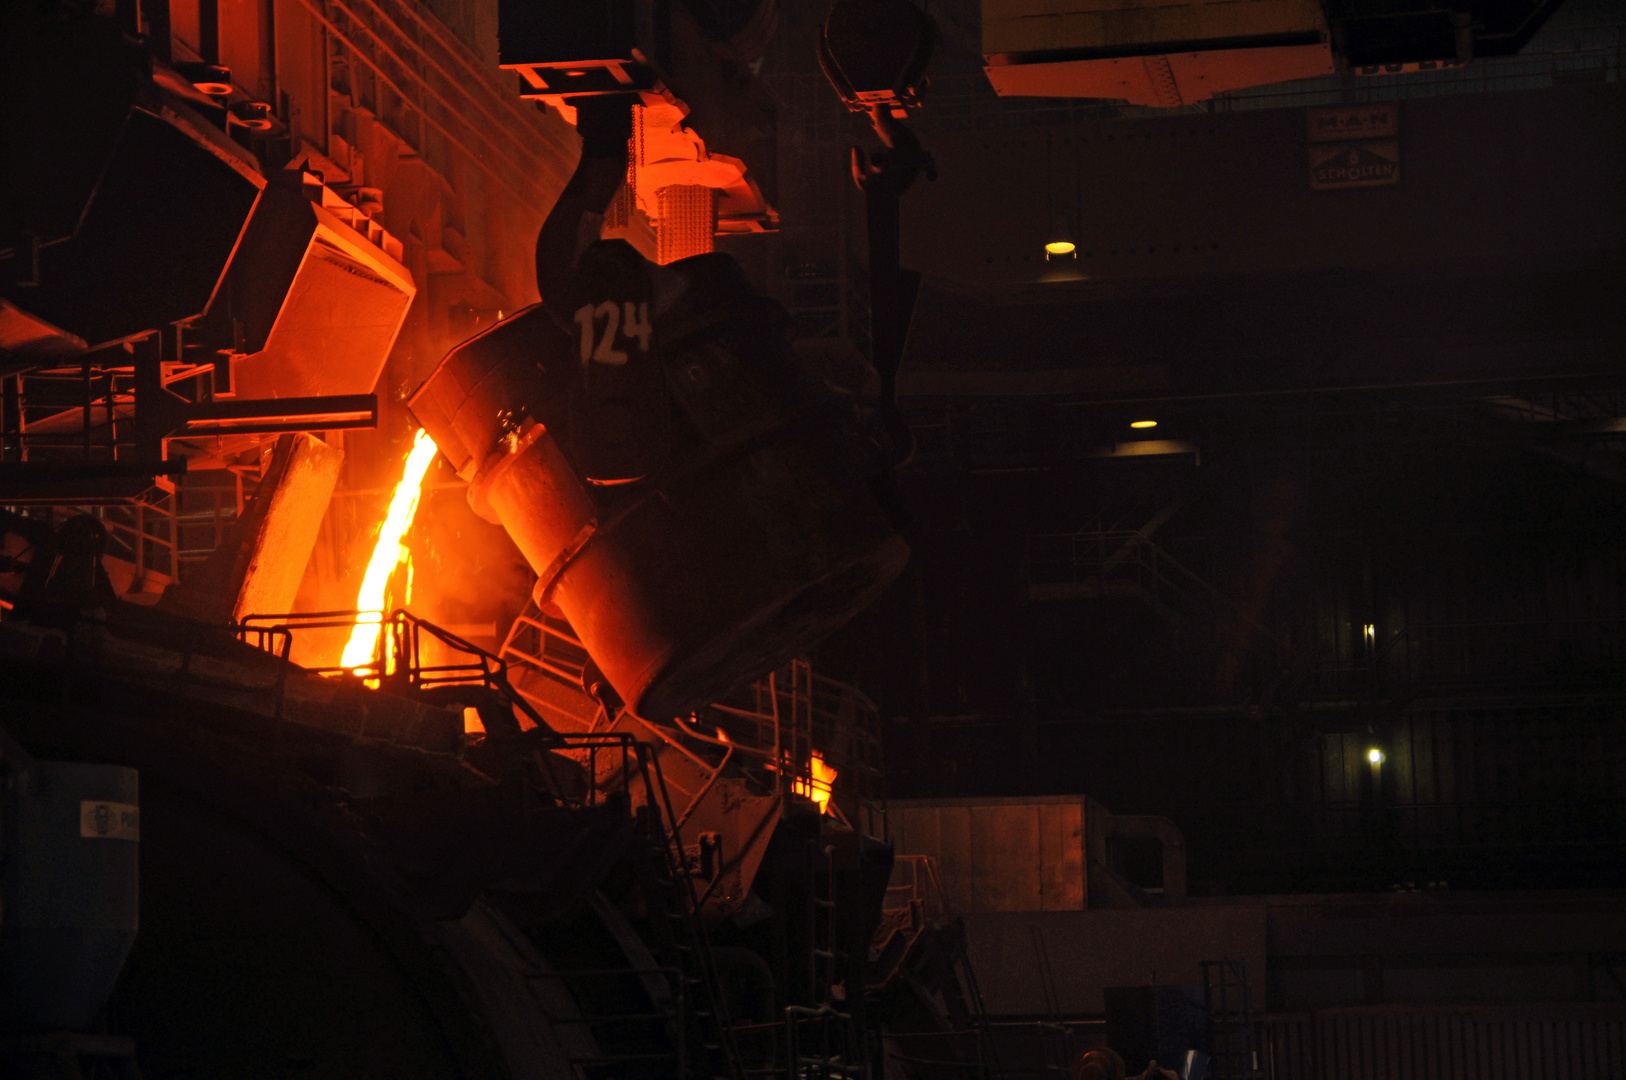 Vom Roheisen zum Stahl